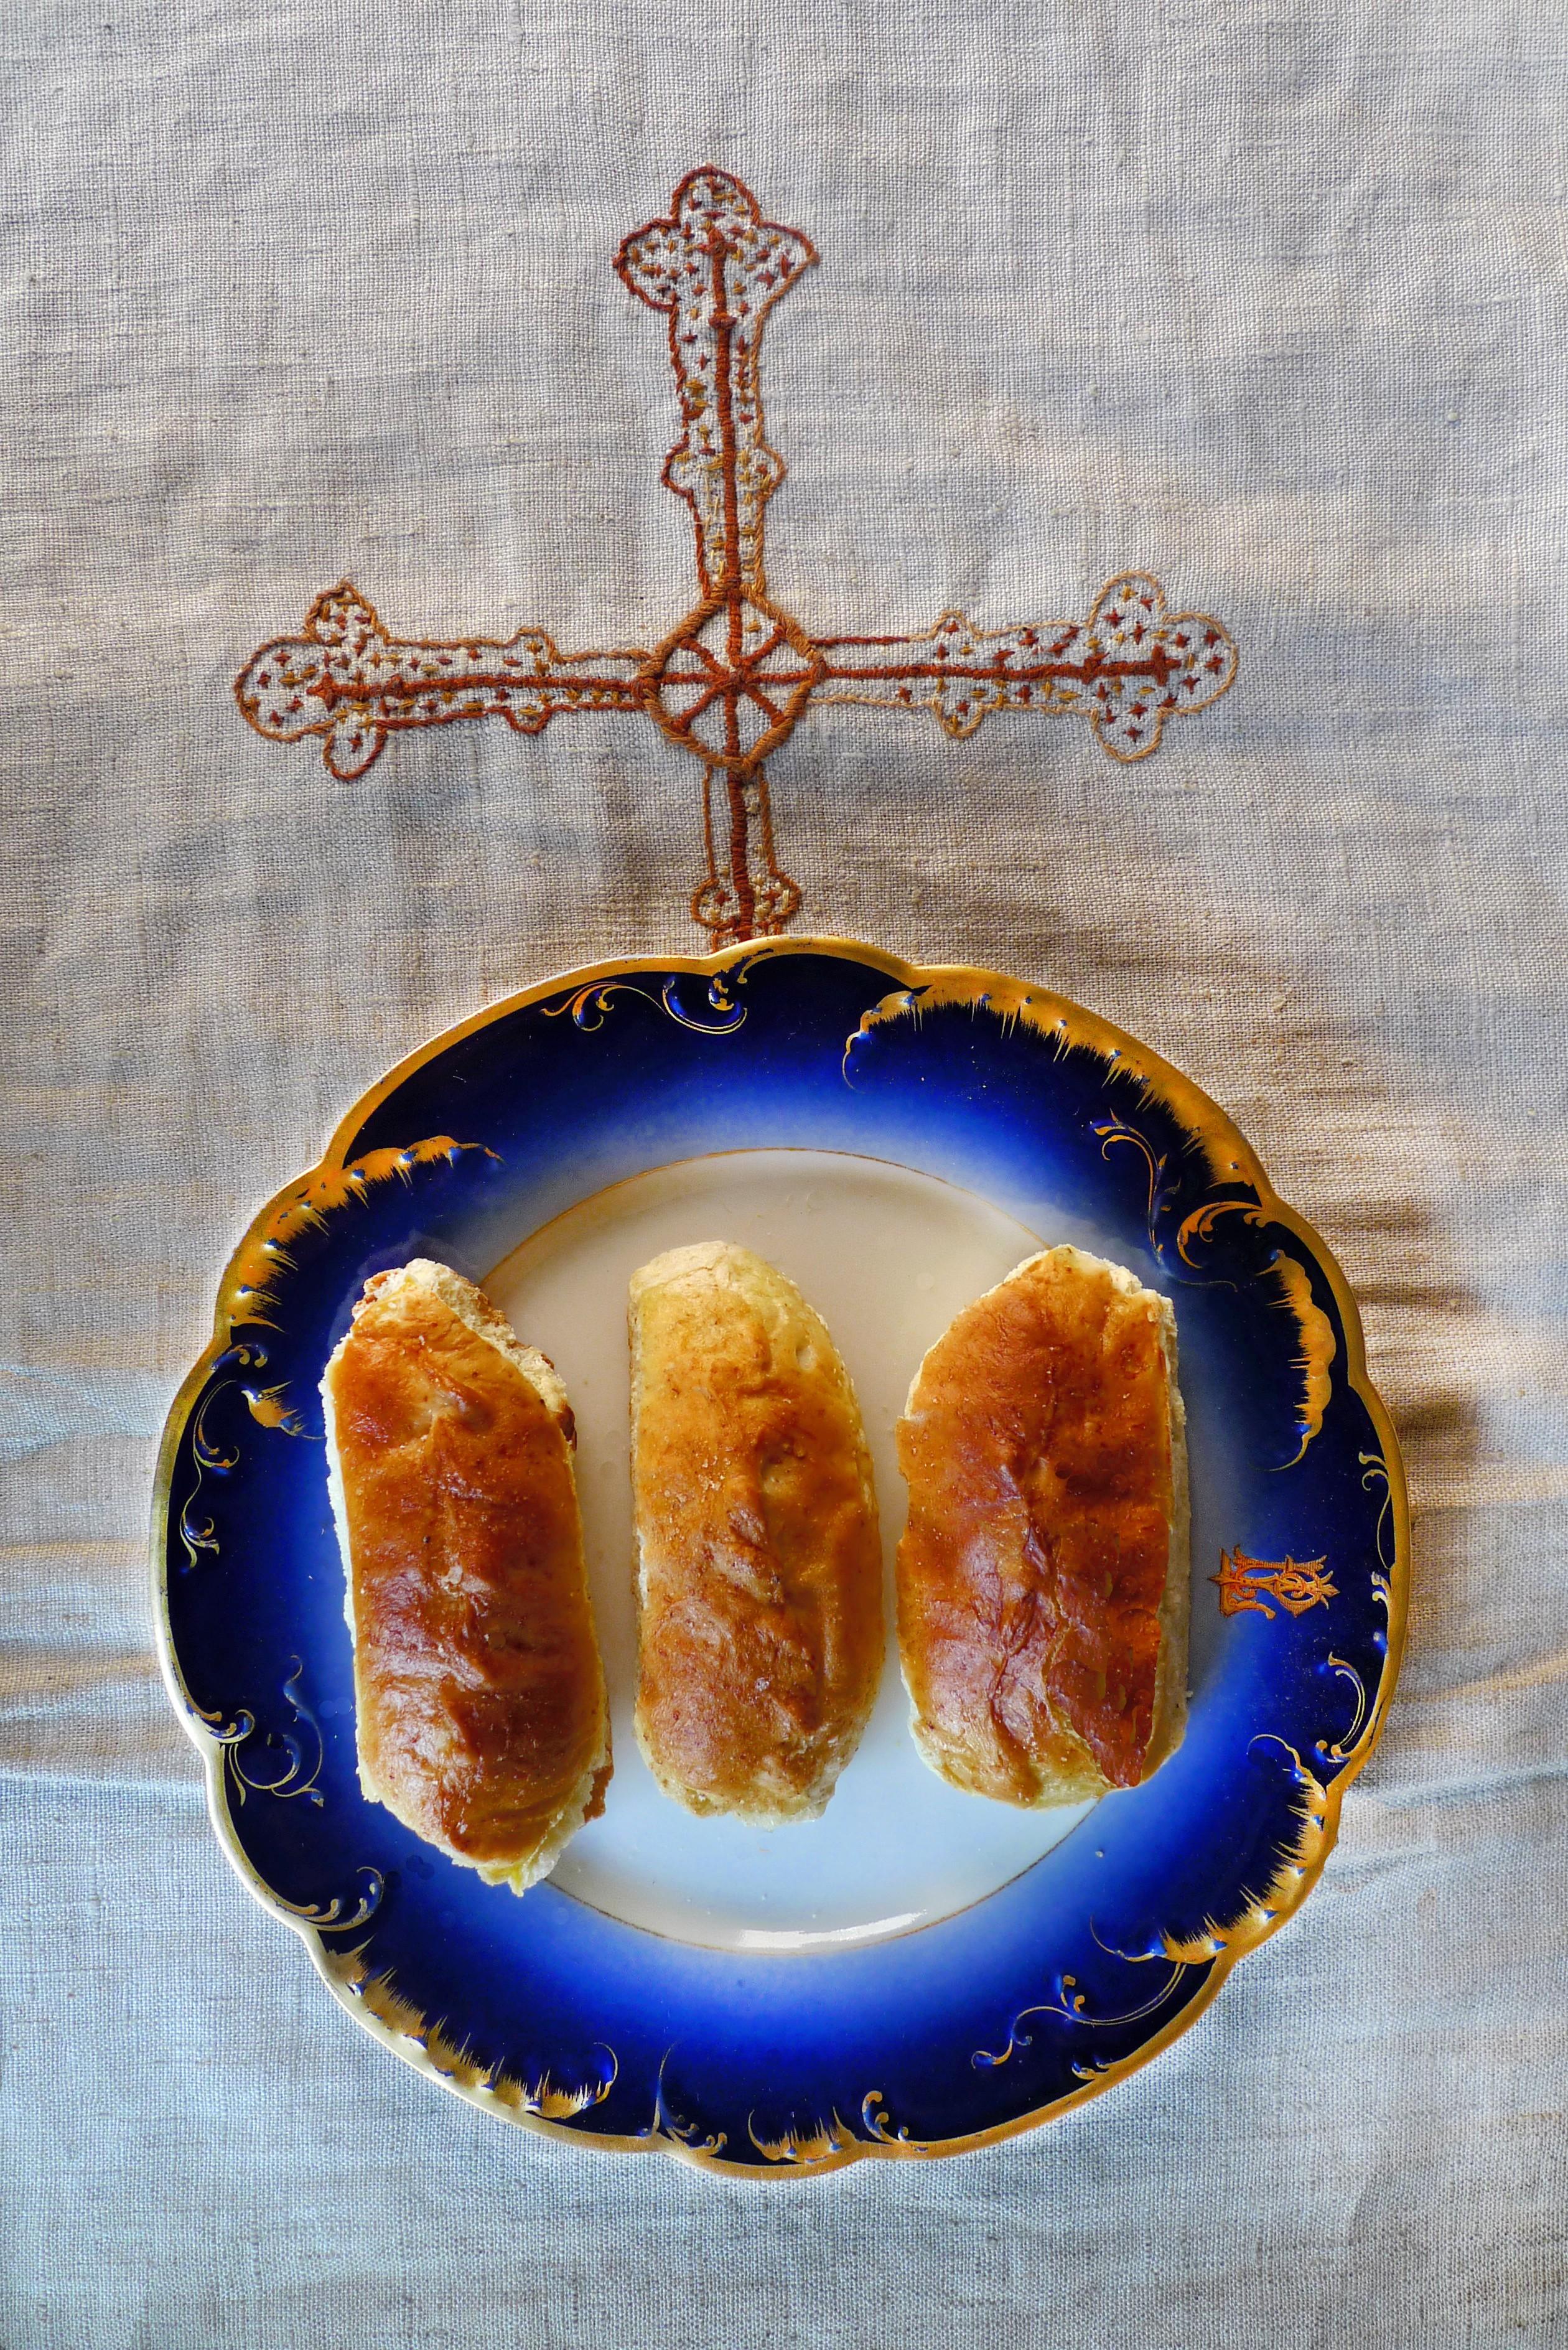 Pirojkis farcis au chou et aux anchois, par le moine cuisinier Frère Jean, grand expert de la cuisine russe, dans son monastère des Cévennes (Skite Sainte Foy) où tout le gratin de la culture va se confiner volontairement et dont le partage des repas est une expérience mémorable... © Frère Jean